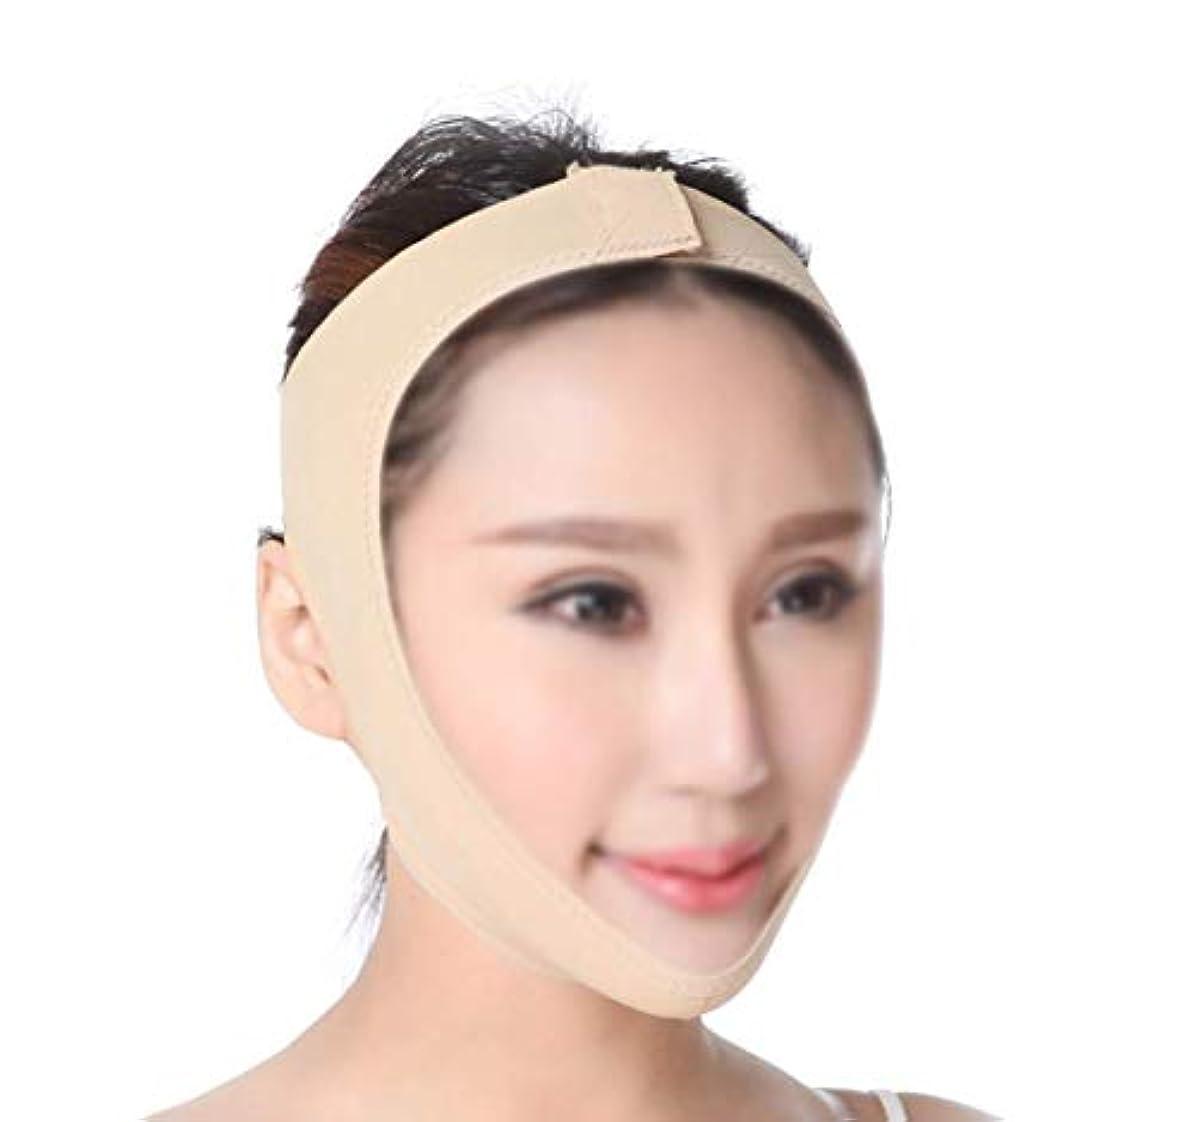 領域憂鬱なラップフェイスリフティング包帯、フェイシャル減量しわ防止ケアフェイスが肌を引き締め、効果的にダブルチンを改善し、V字型の顔になります(サイズ:XL)